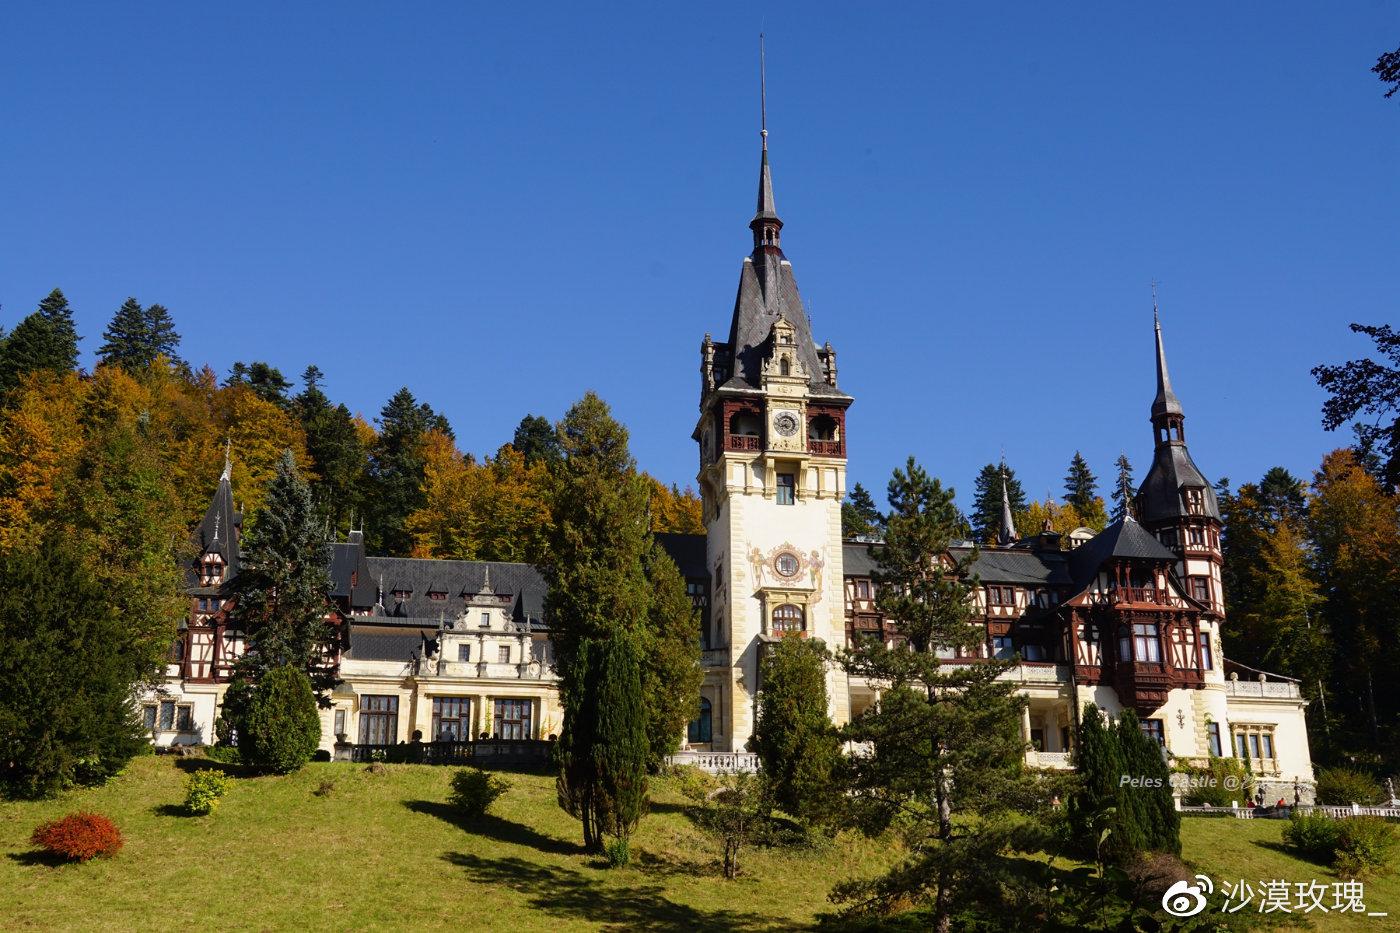 德国人到这个东欧国家当老大 花费1.2亿美元山寨了新天鹅堡